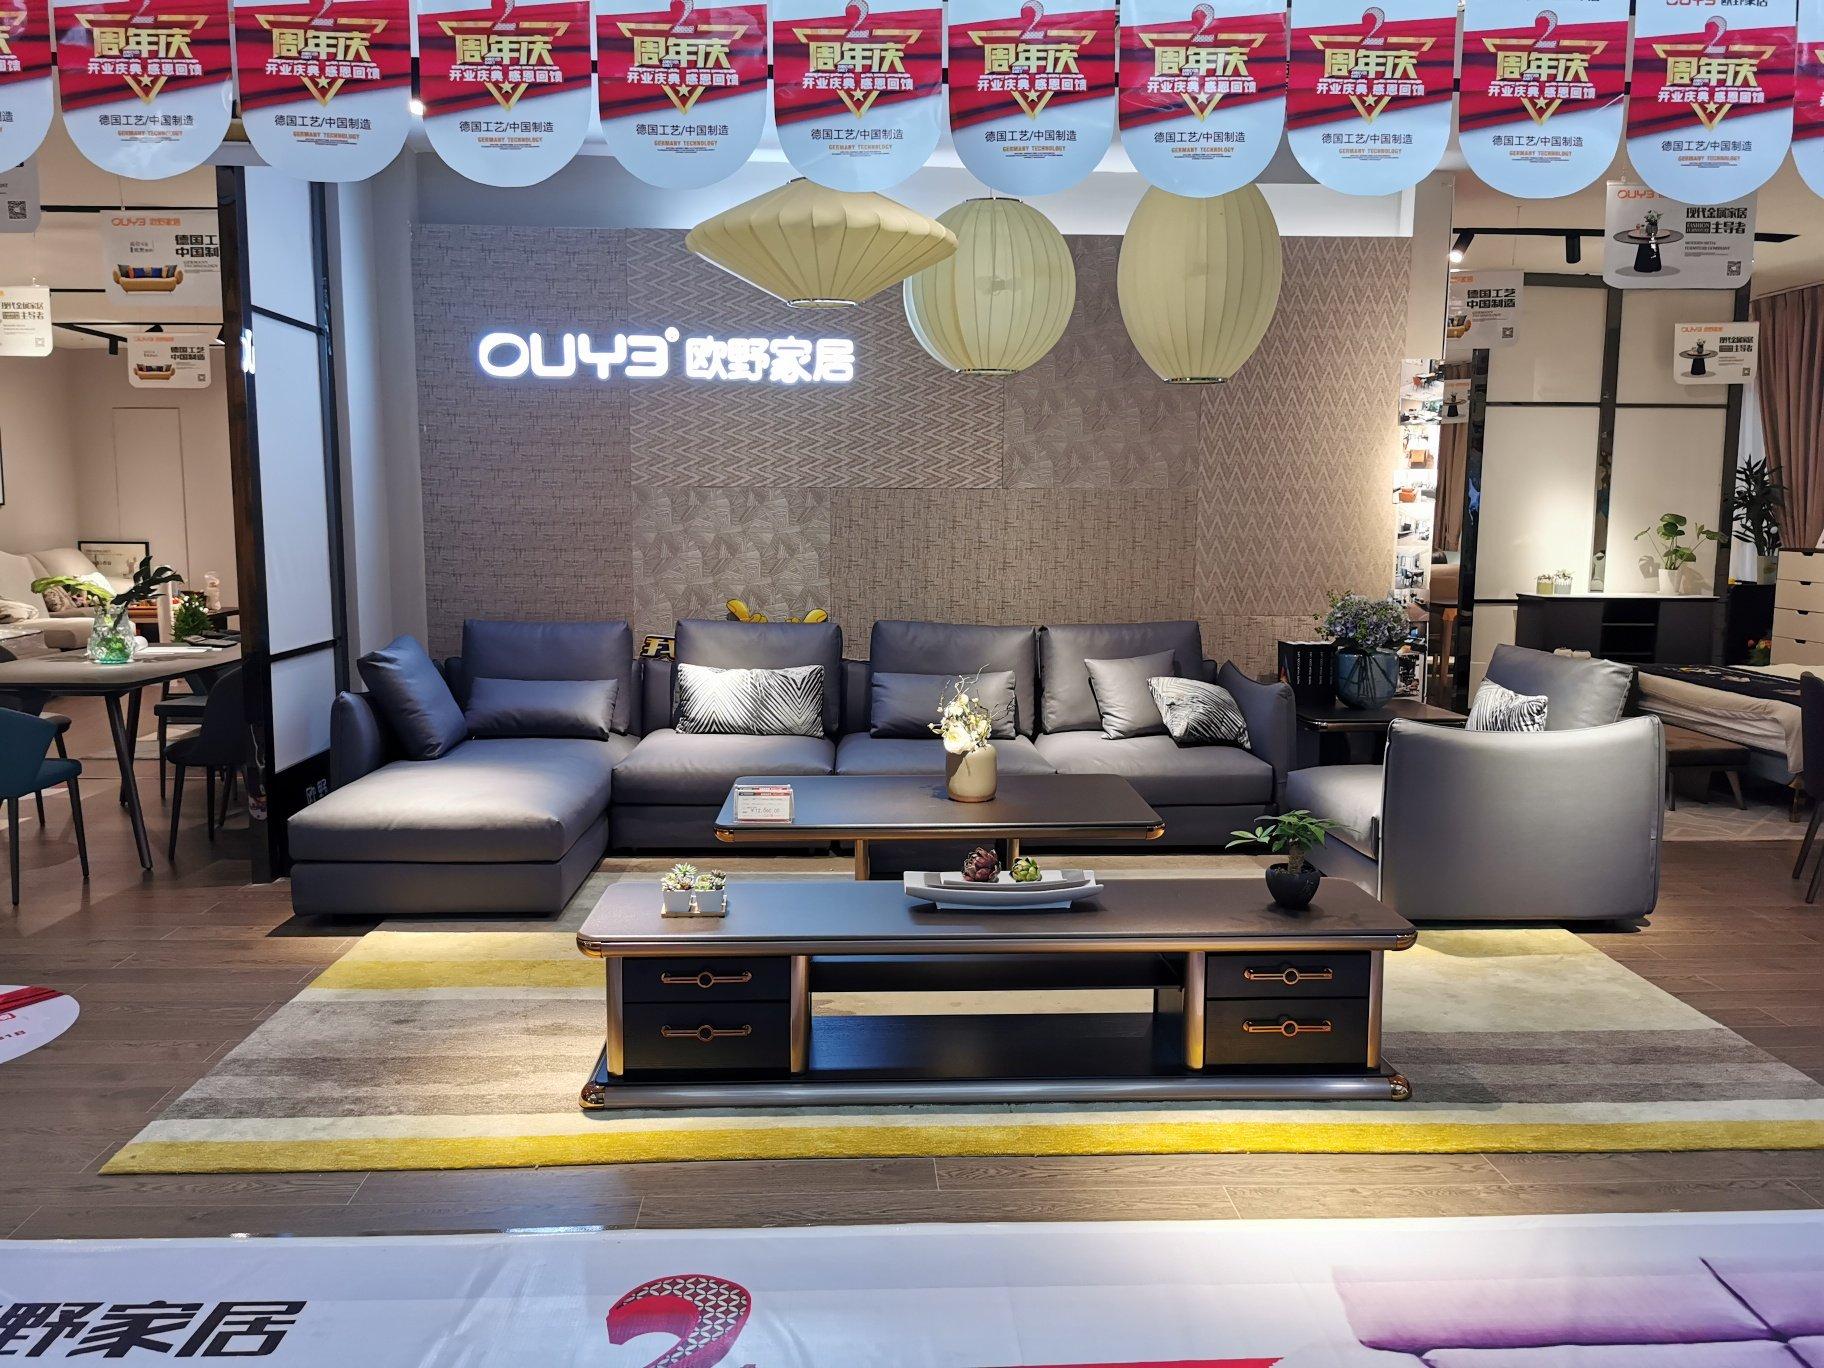 沙发是科技皮材质好不好?装修风格是黑白灰,墙面地面浅灰,搭深灰沙发好看吗?